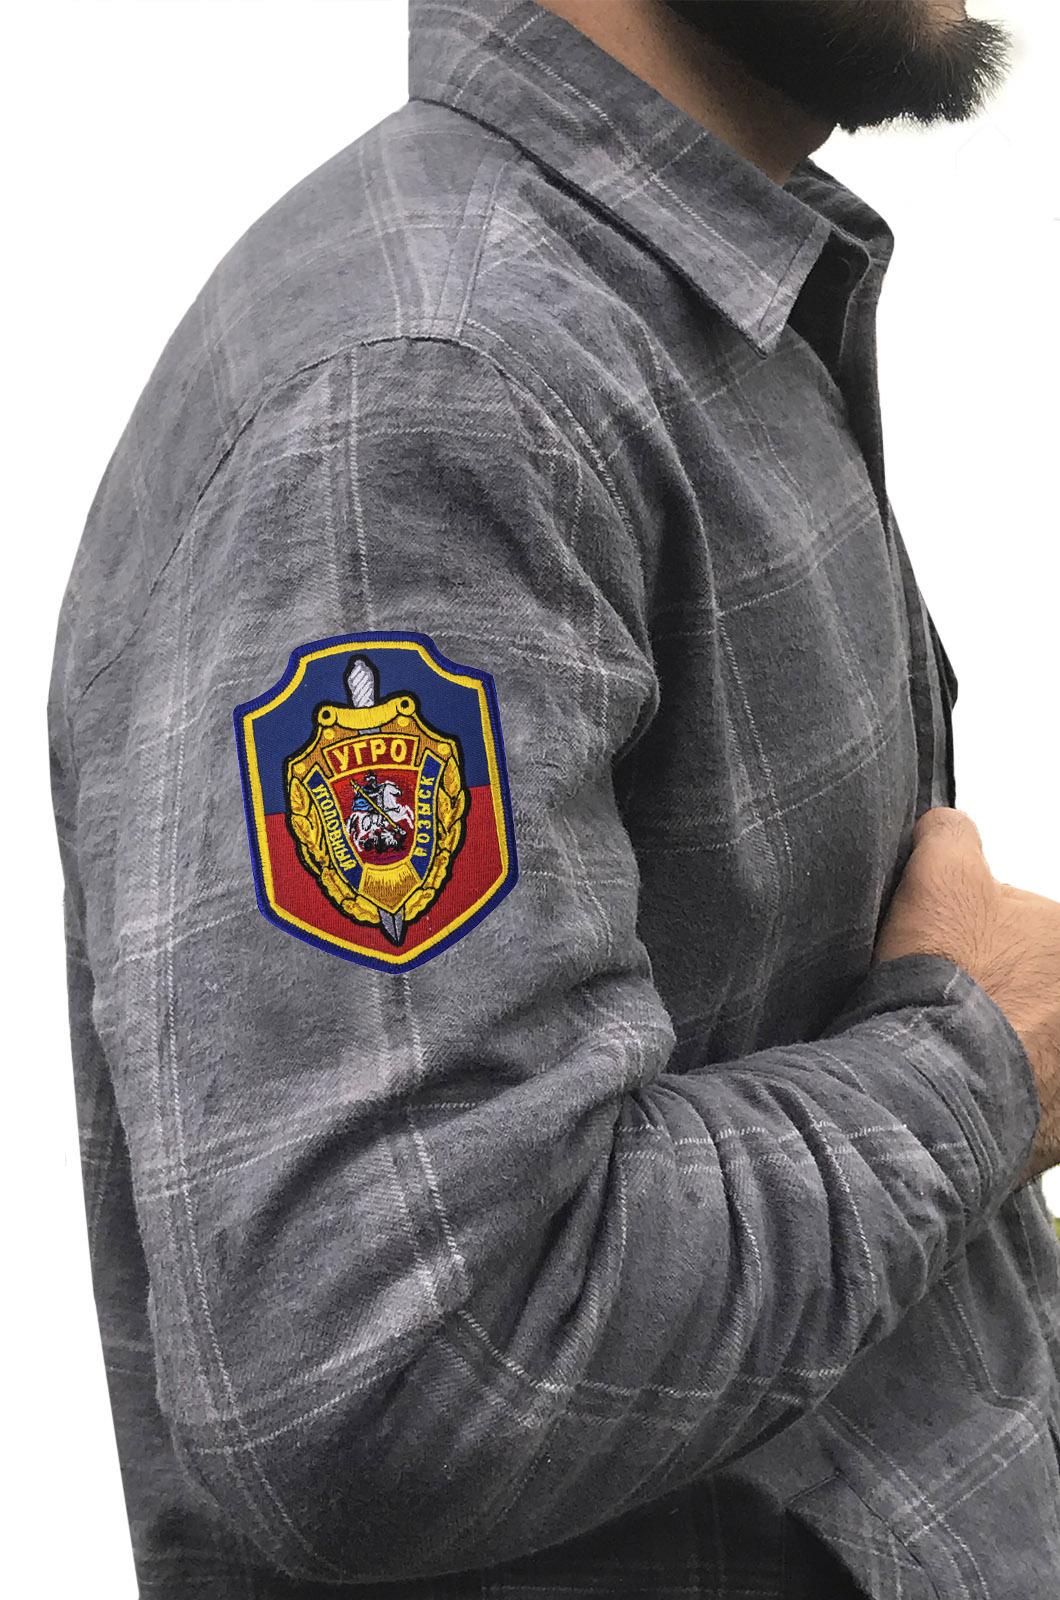 Рубашка Уголовный Розыск